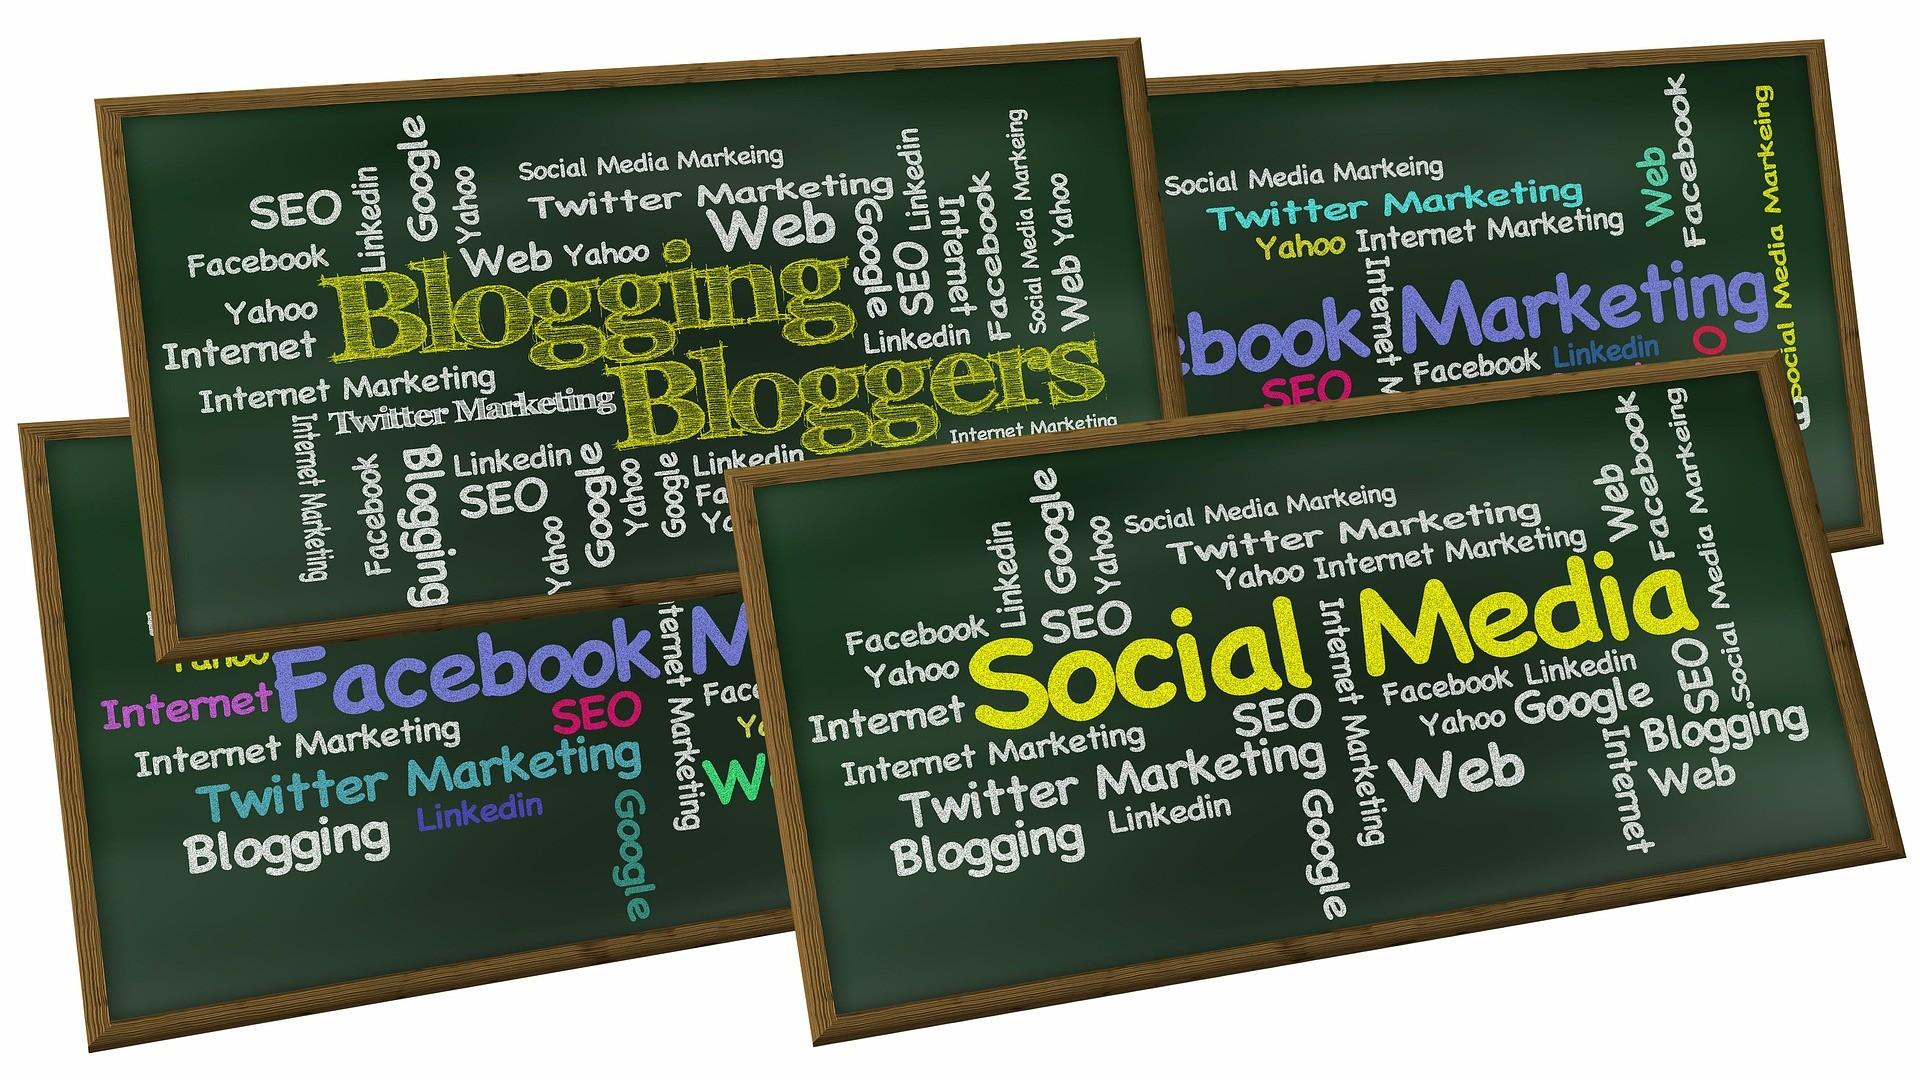 Teil III – Die wichtigsten 9 Werkzeuge für deine Online Marketing Strategie